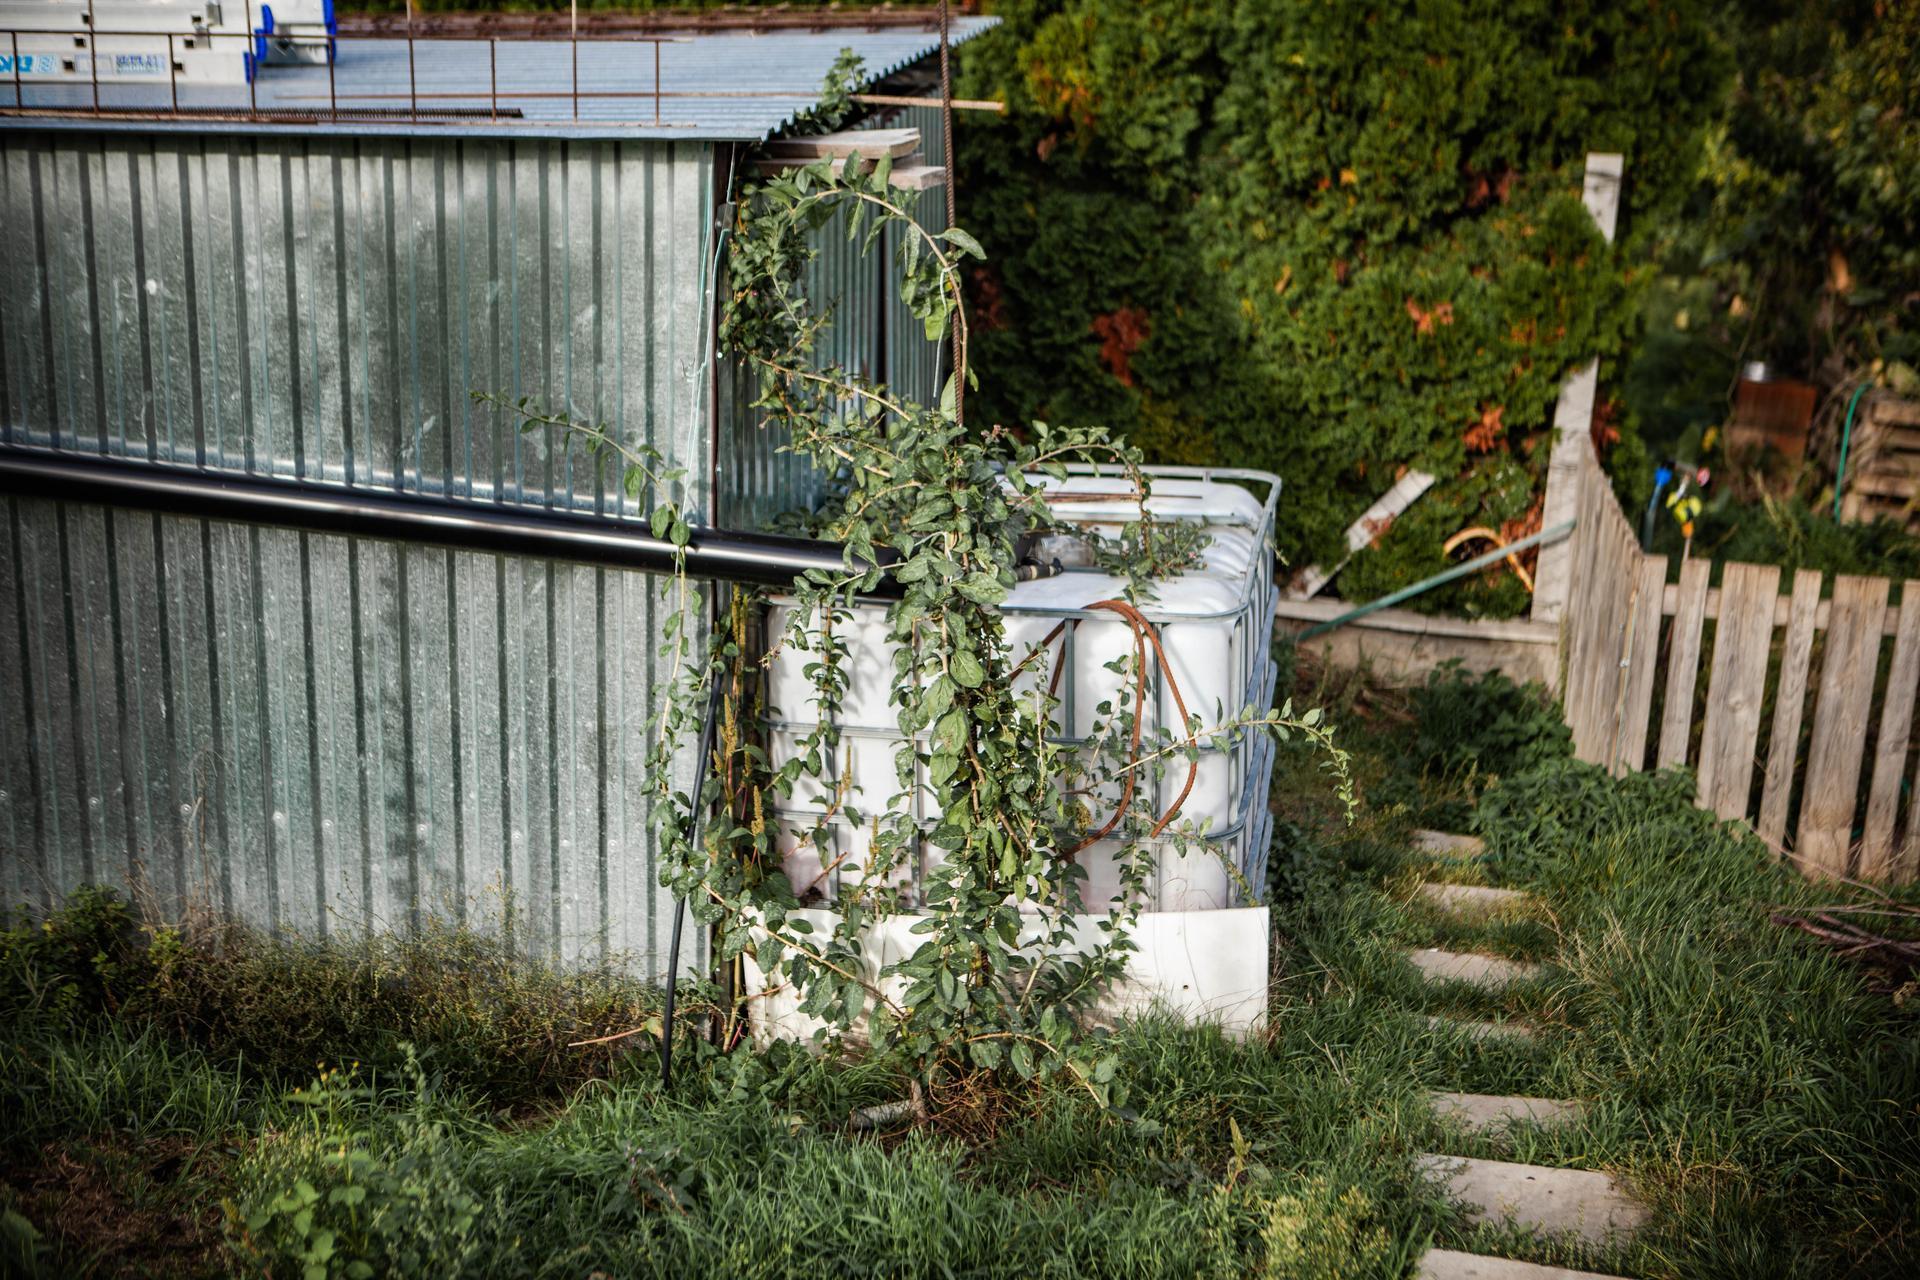 U nas v zahrade v roku 2020 - Goji na jar sadene ma za ulohu skryt nam tu plechovu budu a rovnako vedla aj cernice. len tym sa tak rychlo nechce :D